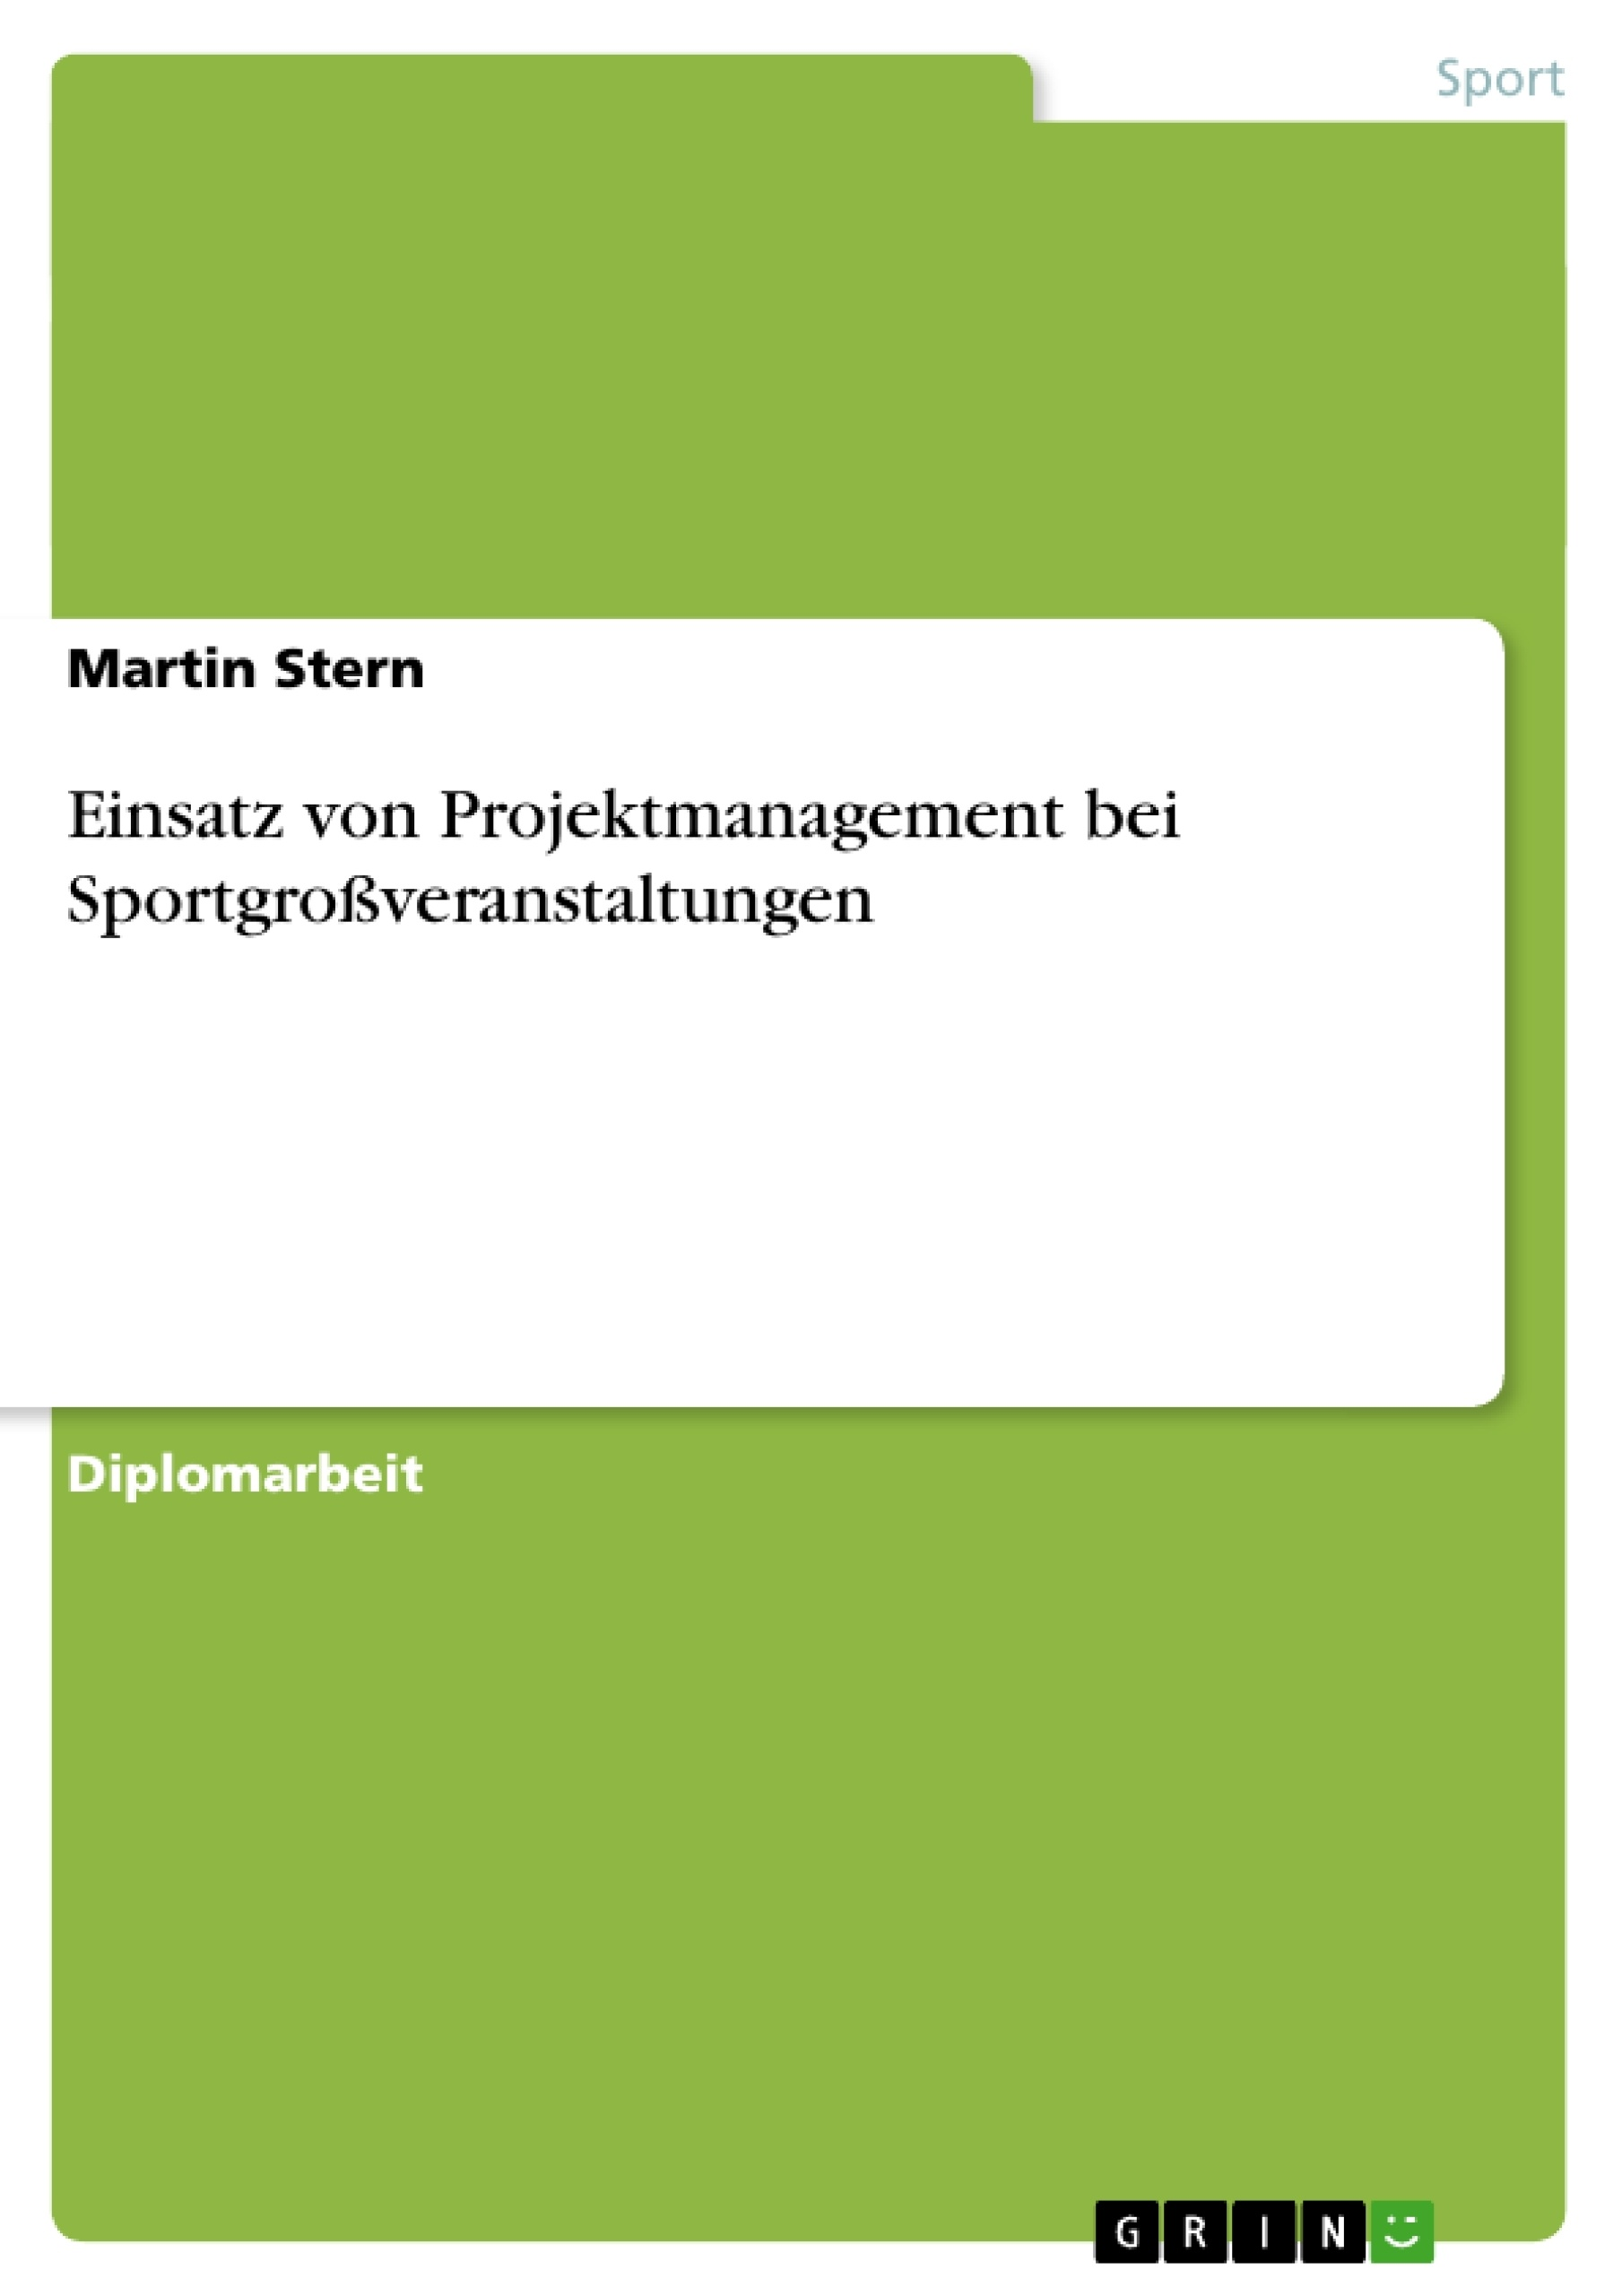 Titel: Einsatz von Projektmanagement bei Sportgroßveranstaltungen